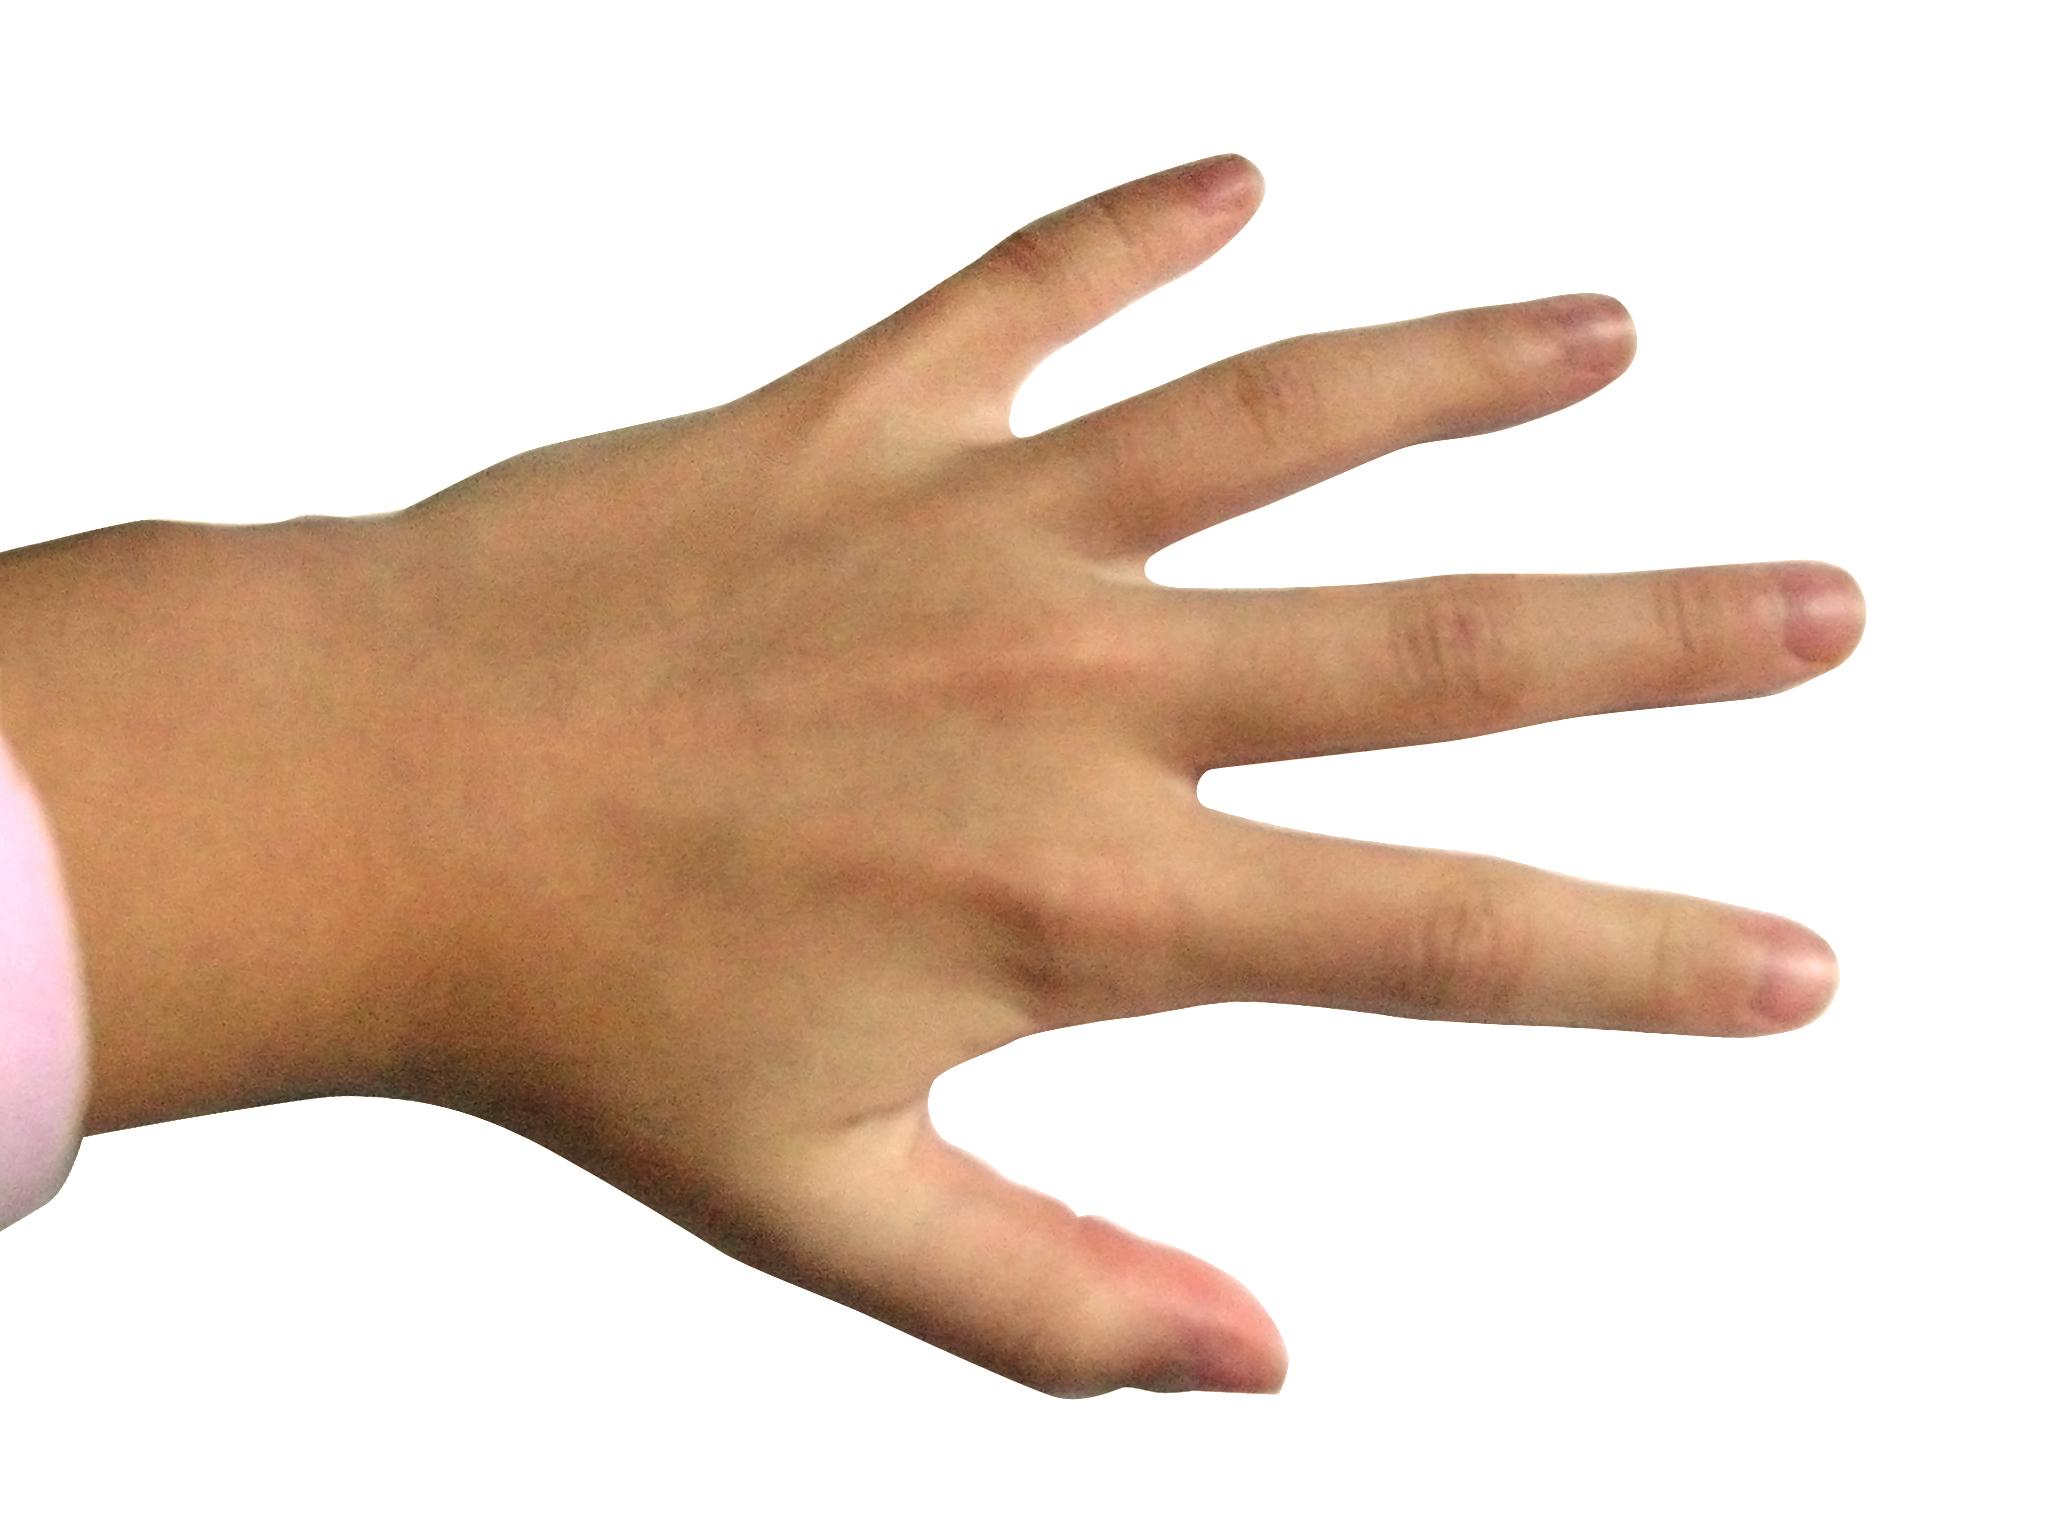 Ejercicios de rehabilitación de muñeca y mano